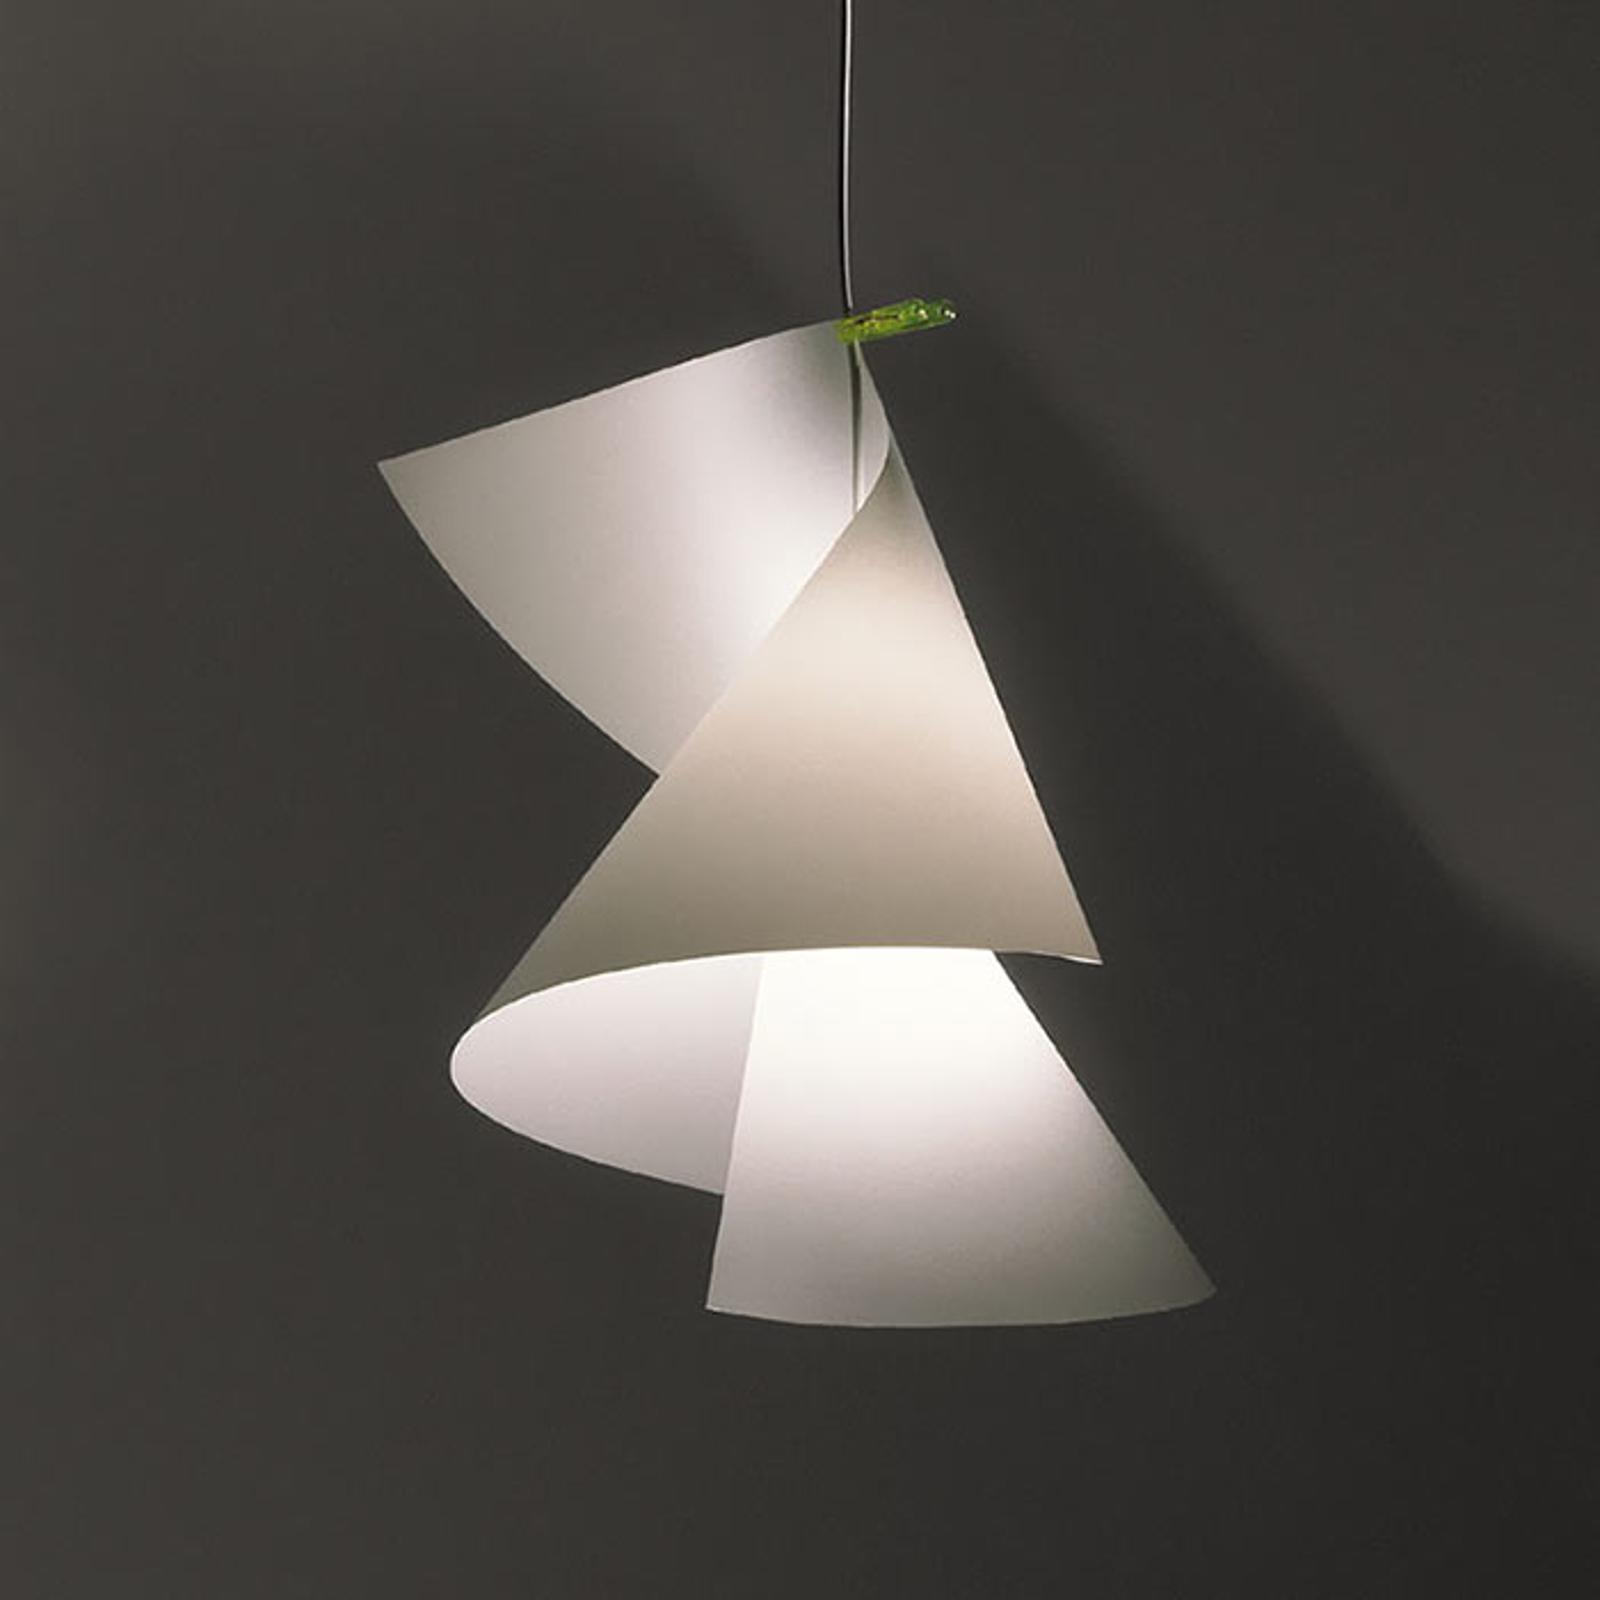 Produktové foto Ingo Maurer Ingo Maurer Willydilly, designové závěsné světlo